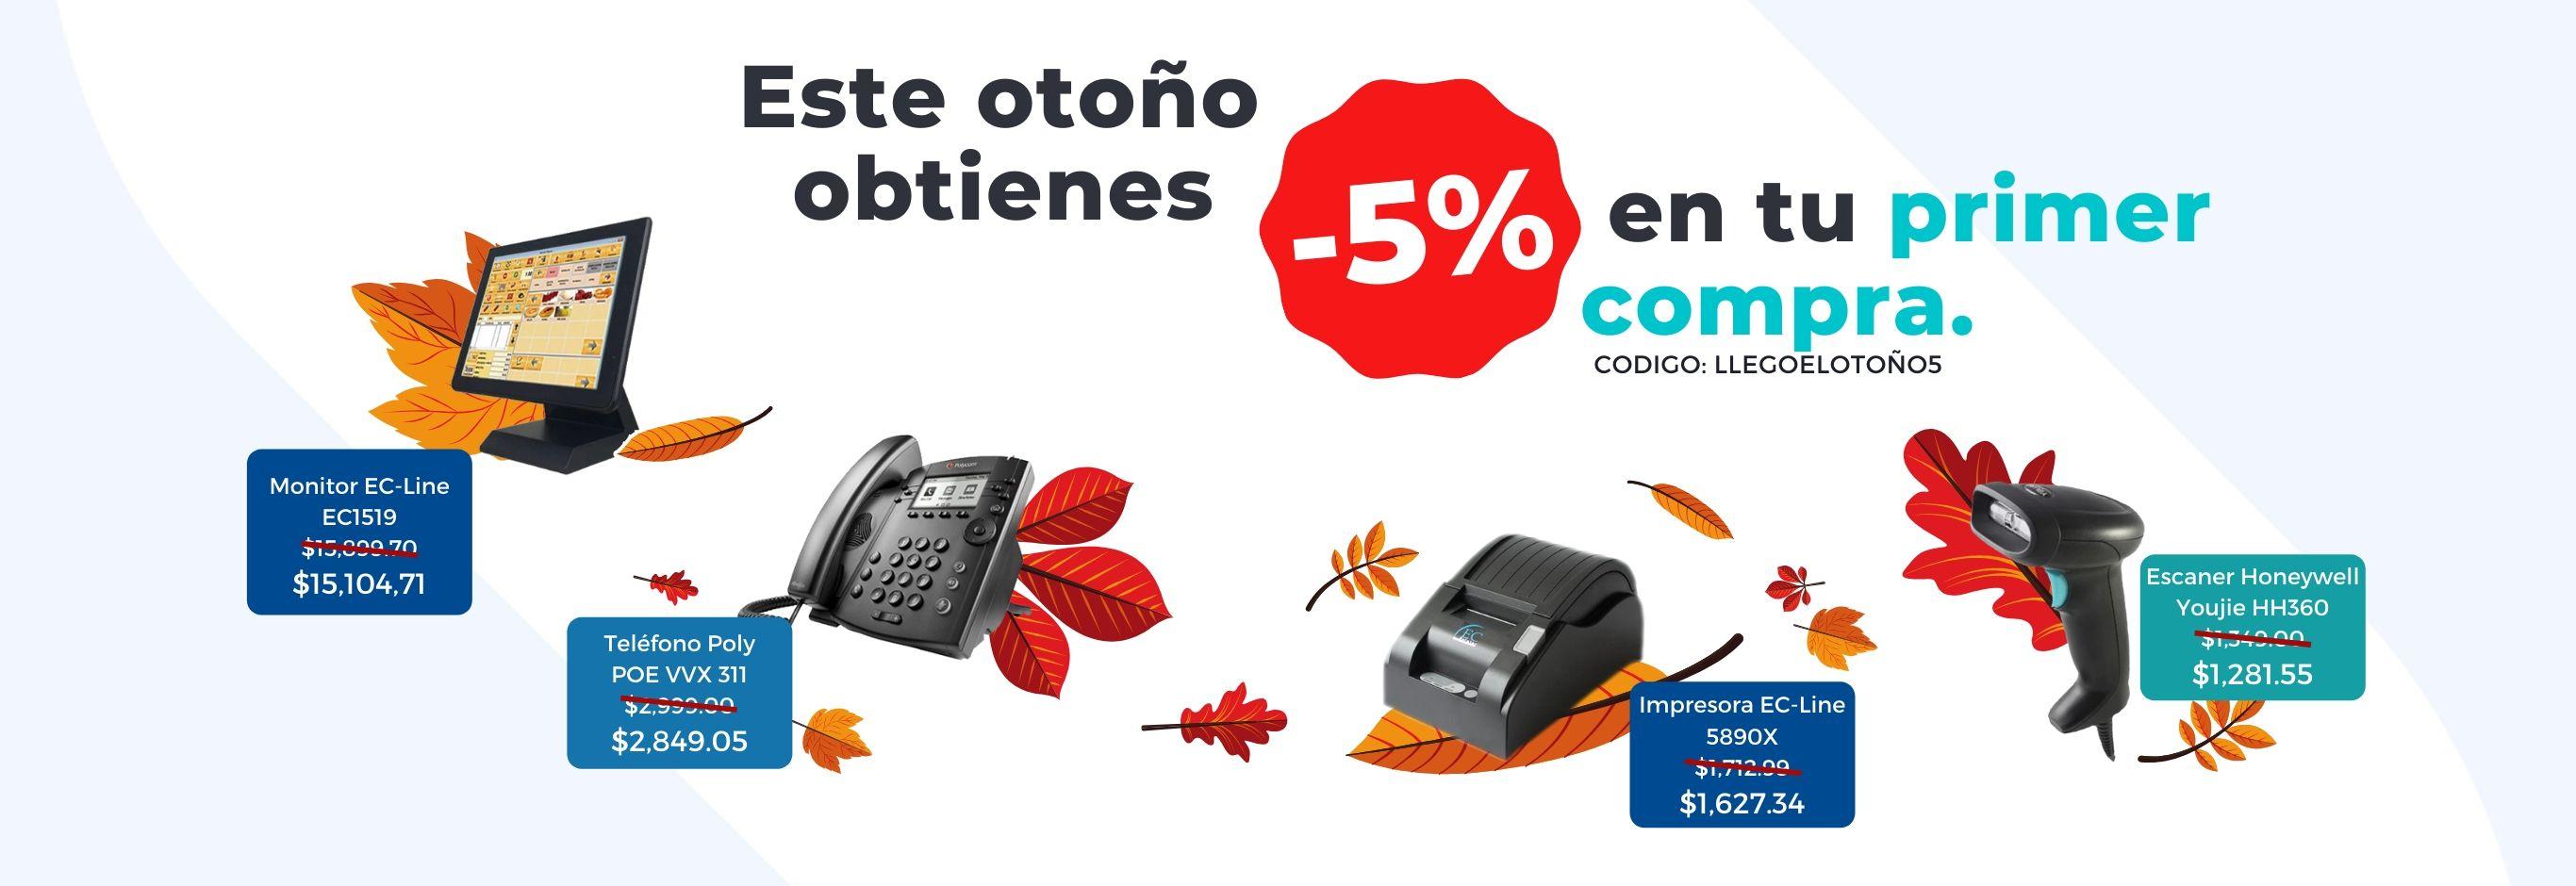 Promocion de otoño: 5% de descuento en tu primer compra.